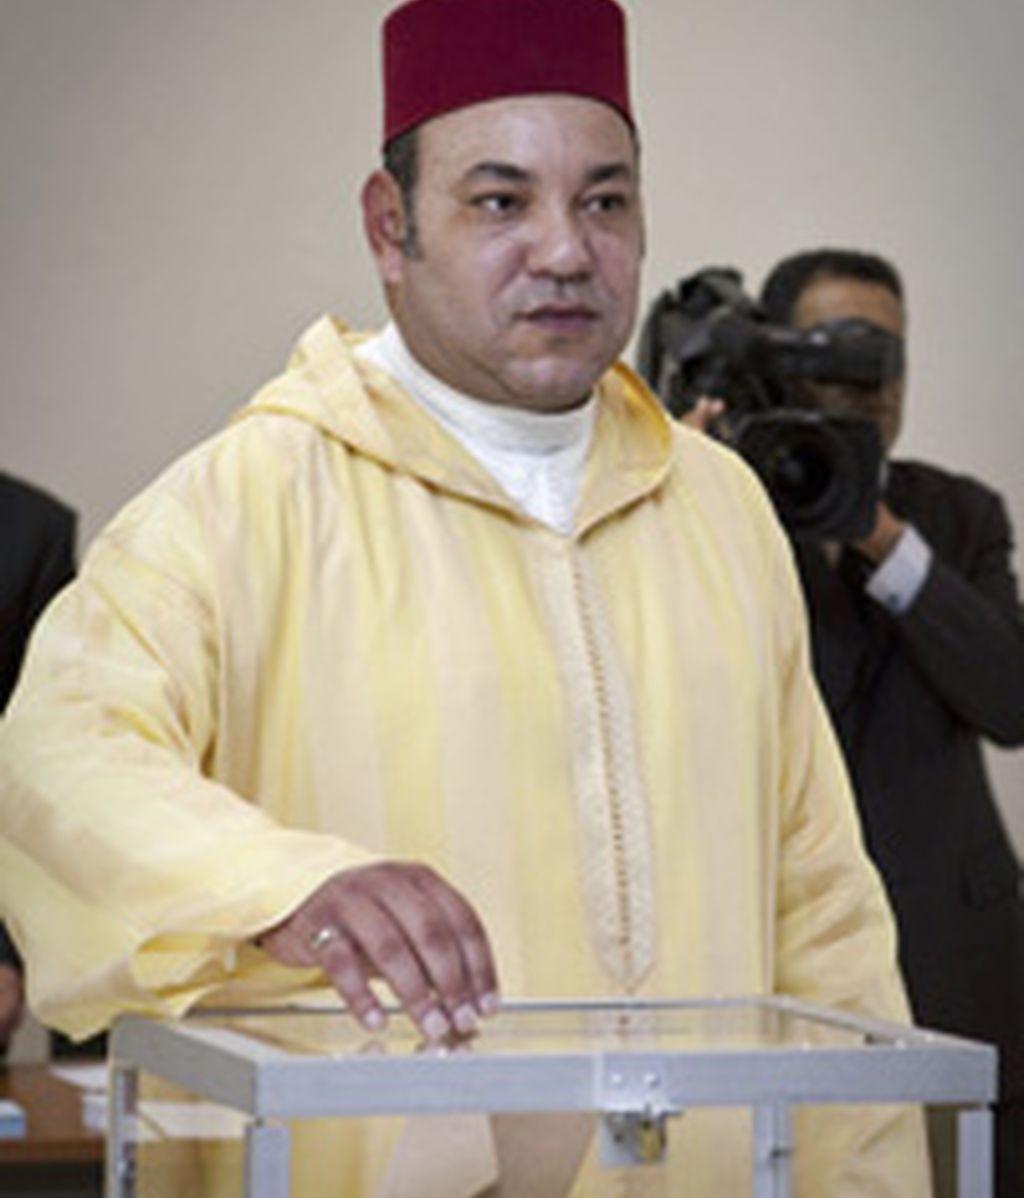 El Rey Mohamed VI de Marruecos dice si a la Constitución FOTO: EFE